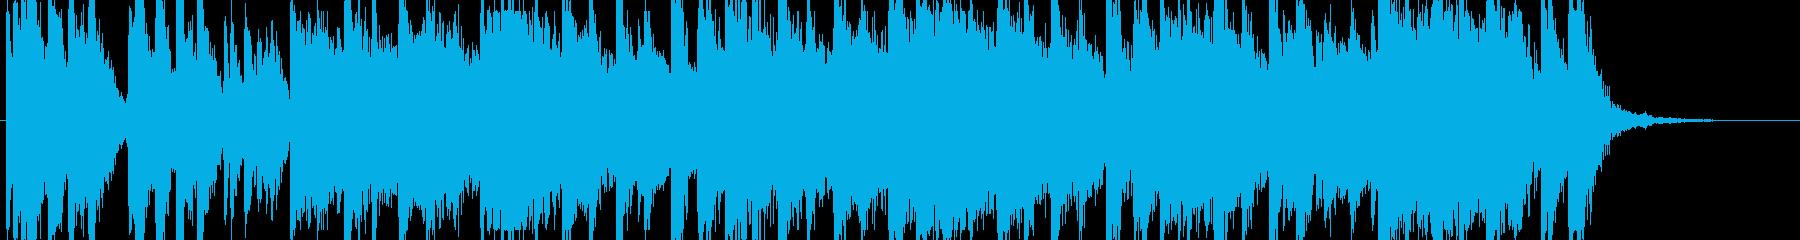 大きな角とオーケストラの刺し傷があ...の再生済みの波形